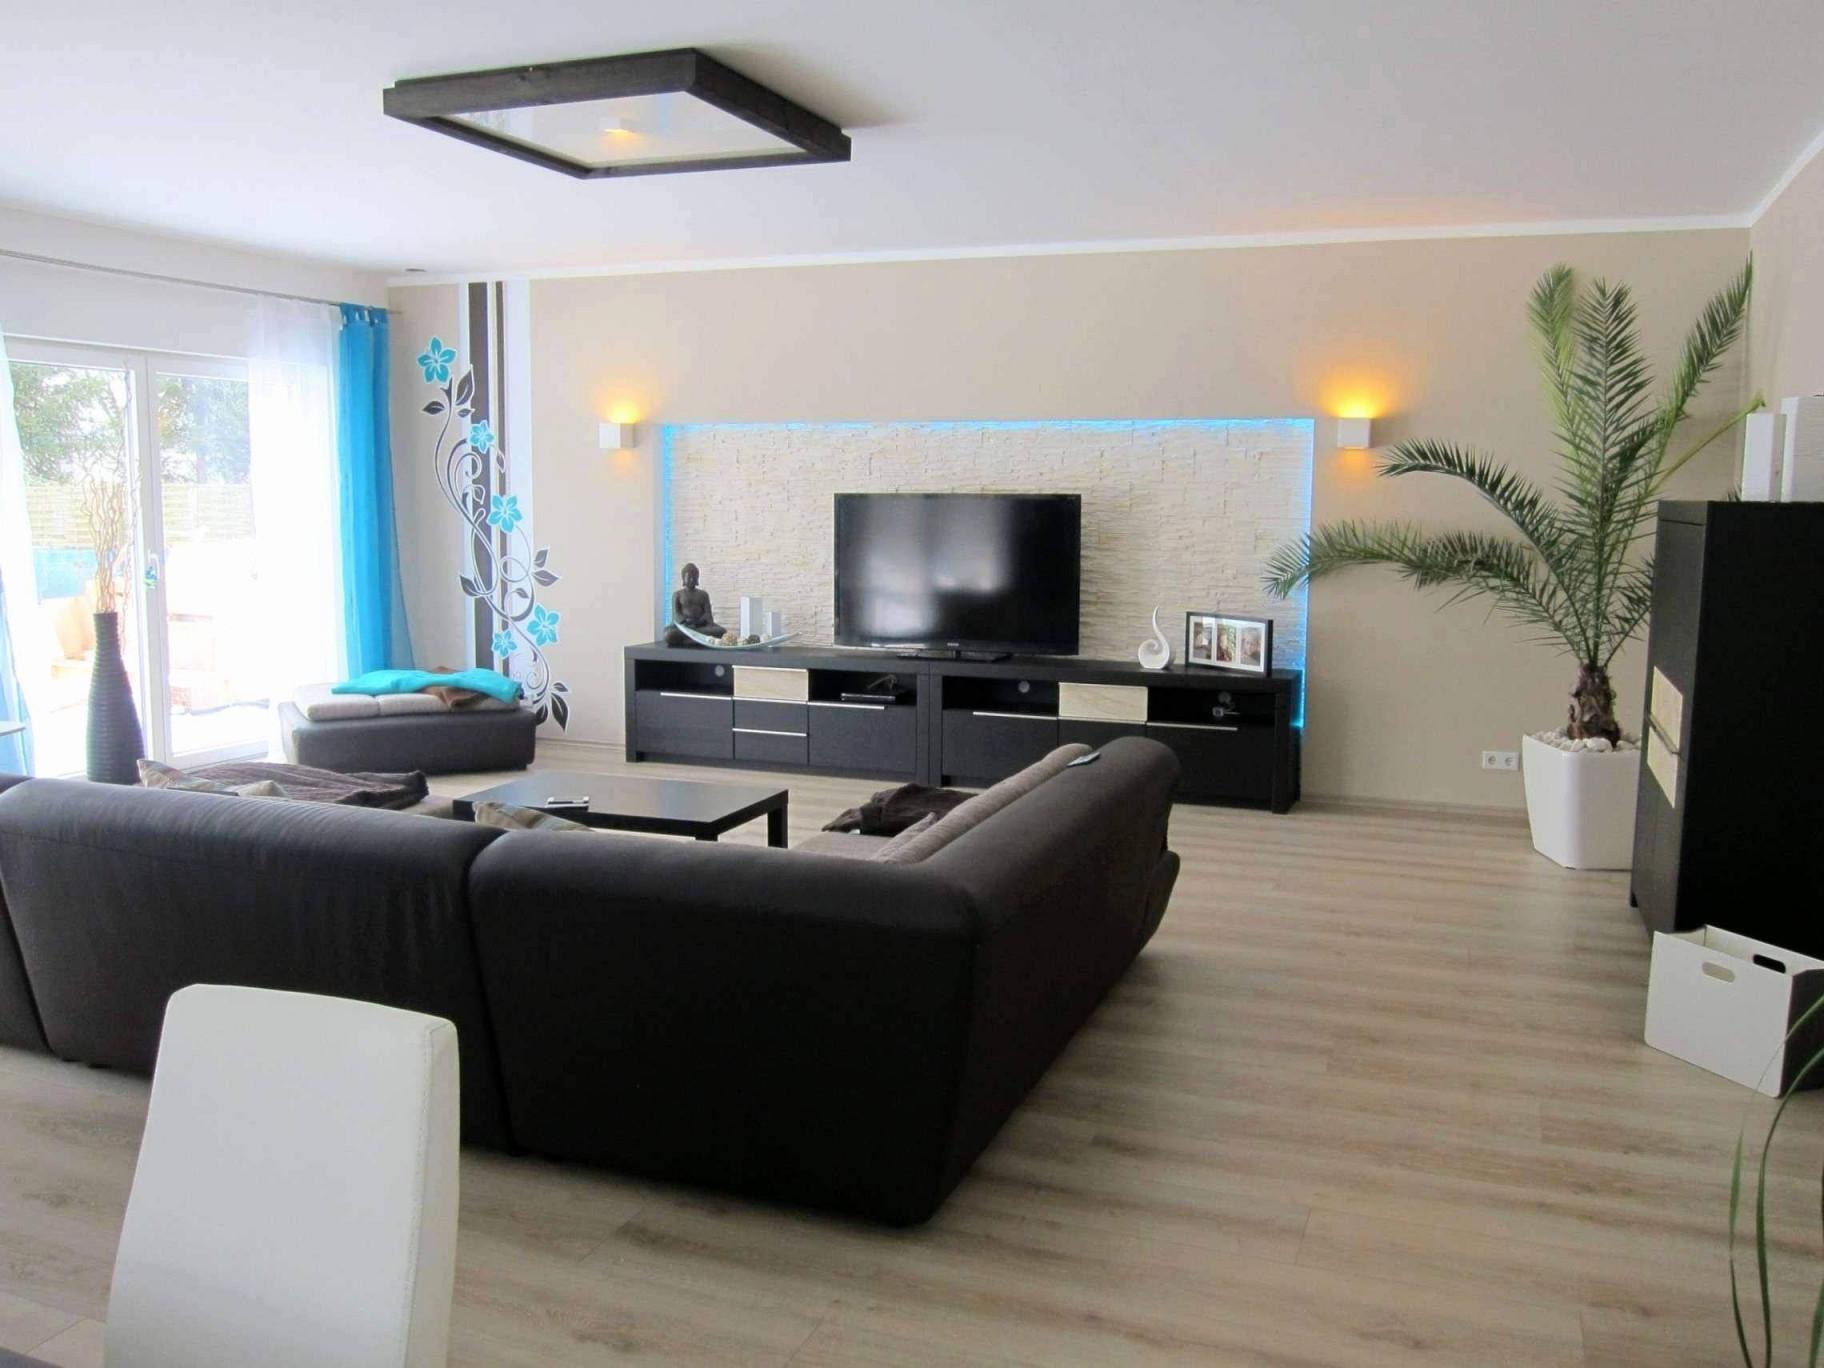 29 Luxus Wohnzimmer Einrichten Ideen Genial  Wohnzimmer Frisch von Wohnzimmer Ideen Einrichtung Photo